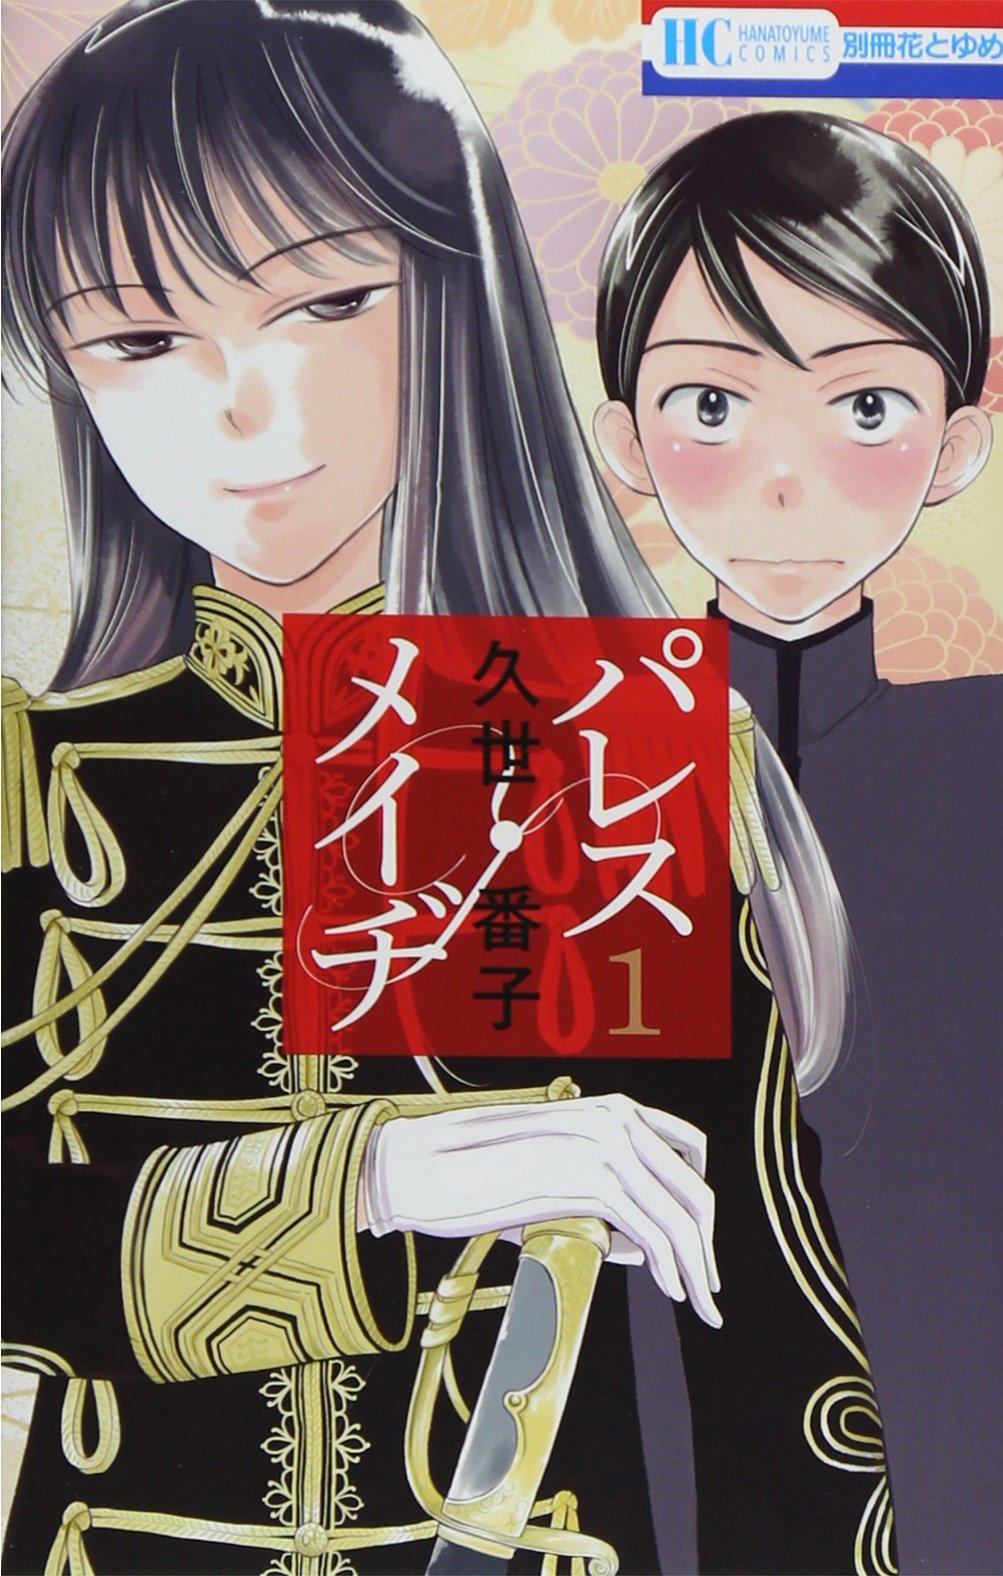 女帝と侍従、身分違いの恋を描く漫画『パレス・メイヂ』